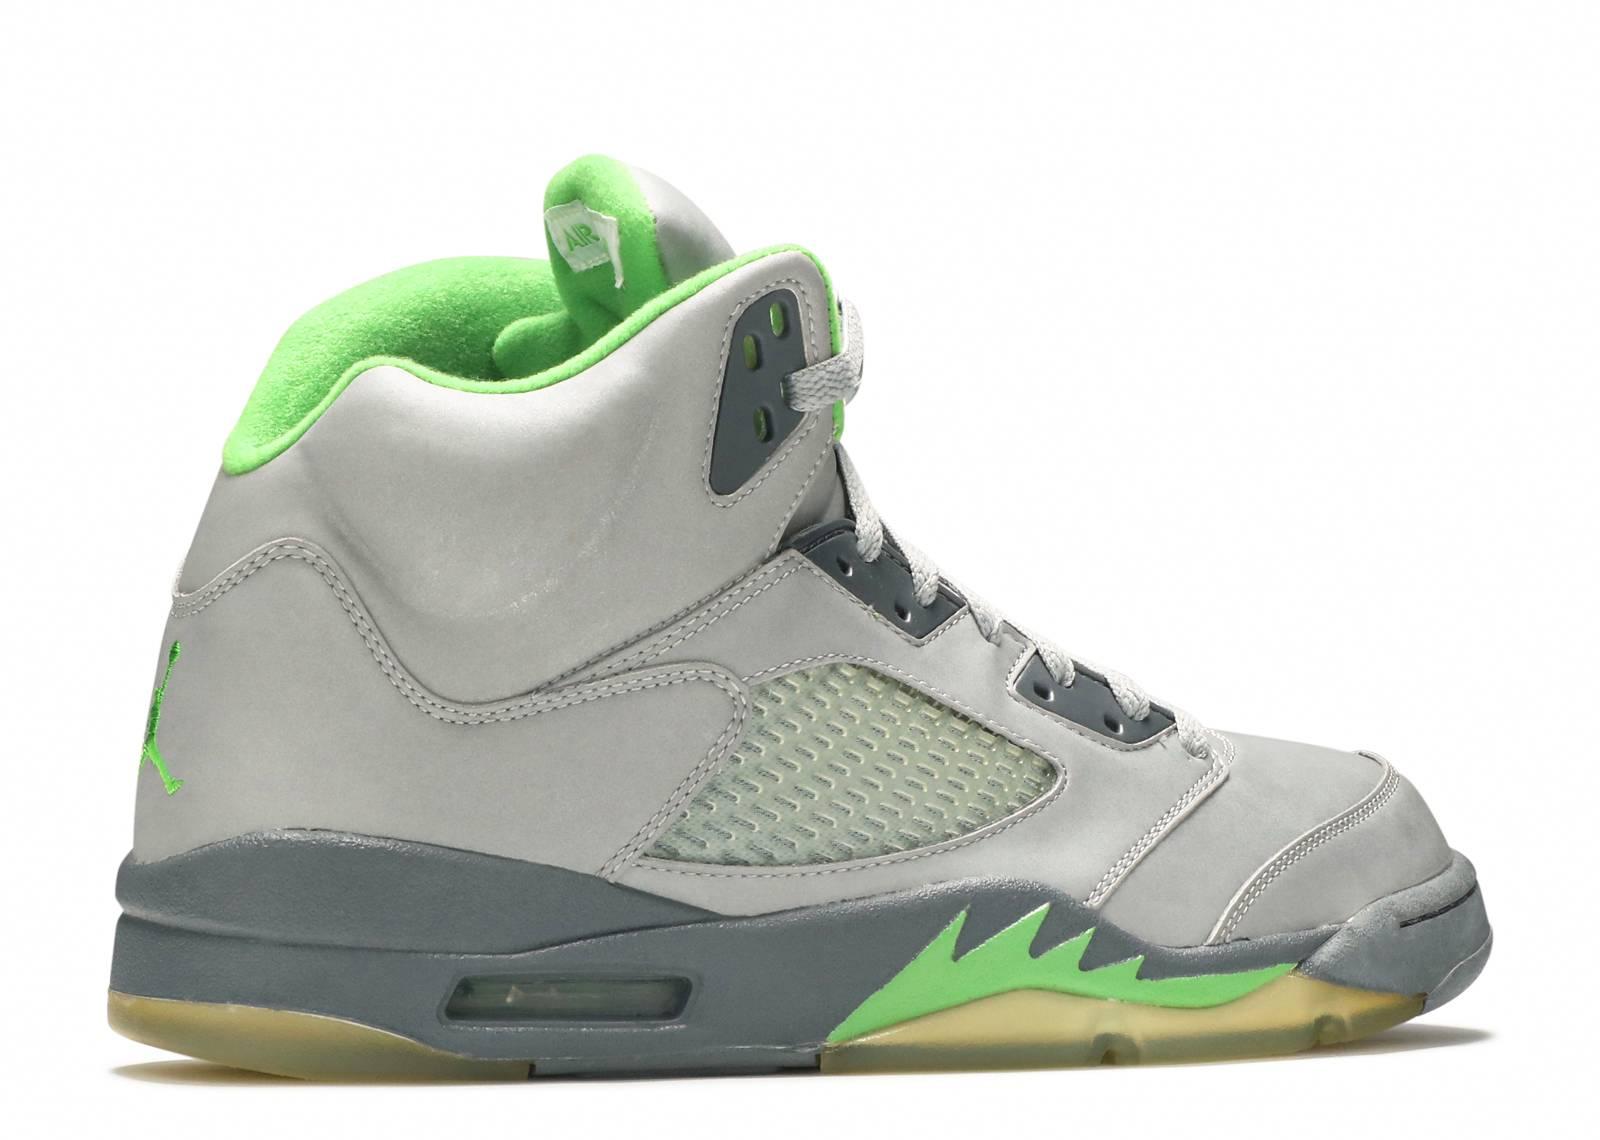 9e2ec81b2bec Air Jordan 5 Retro